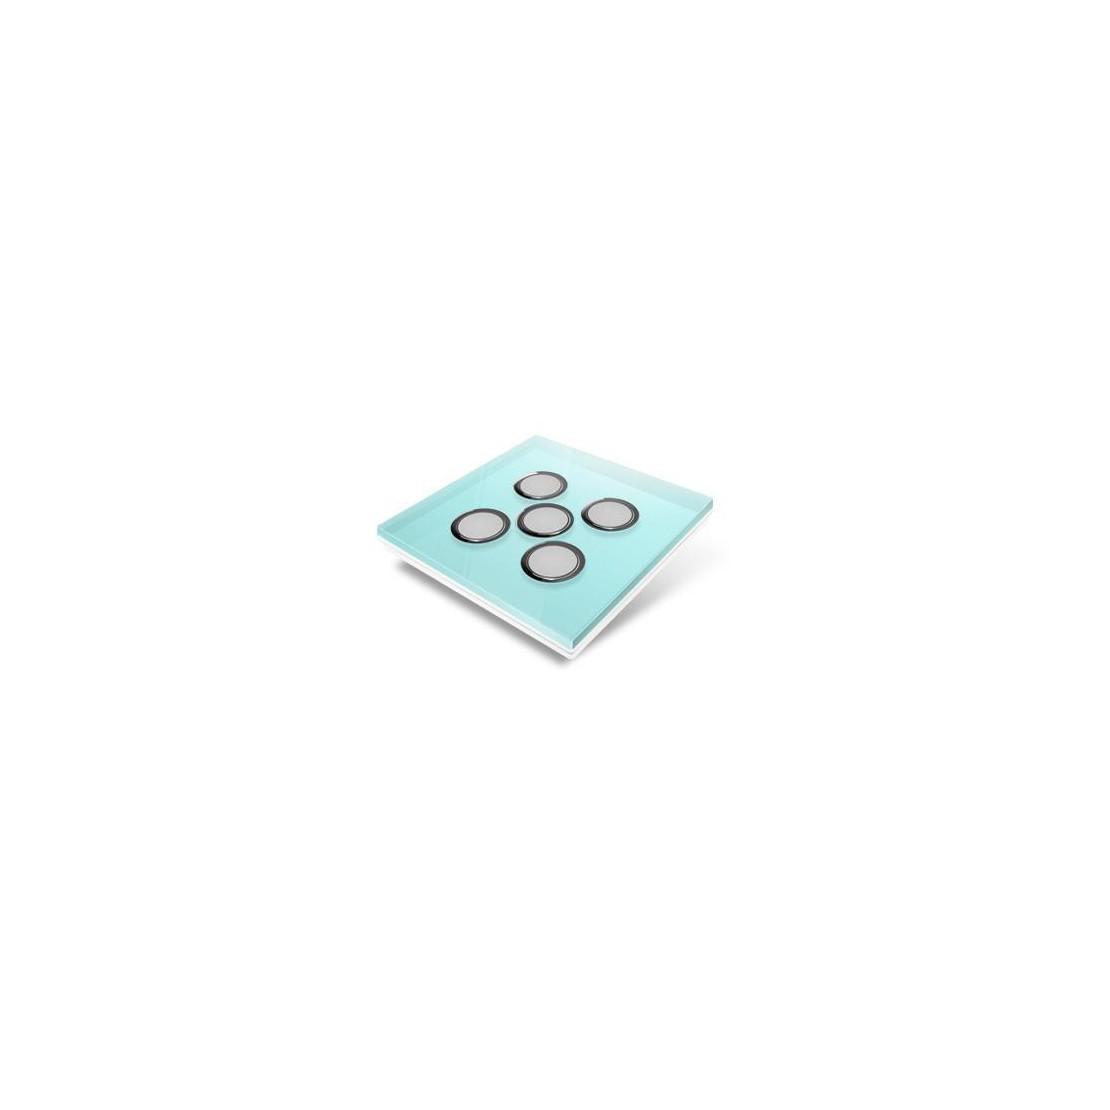 Plaque de recouvrement pour interrupteur Edisio - crystal Bleu Clair